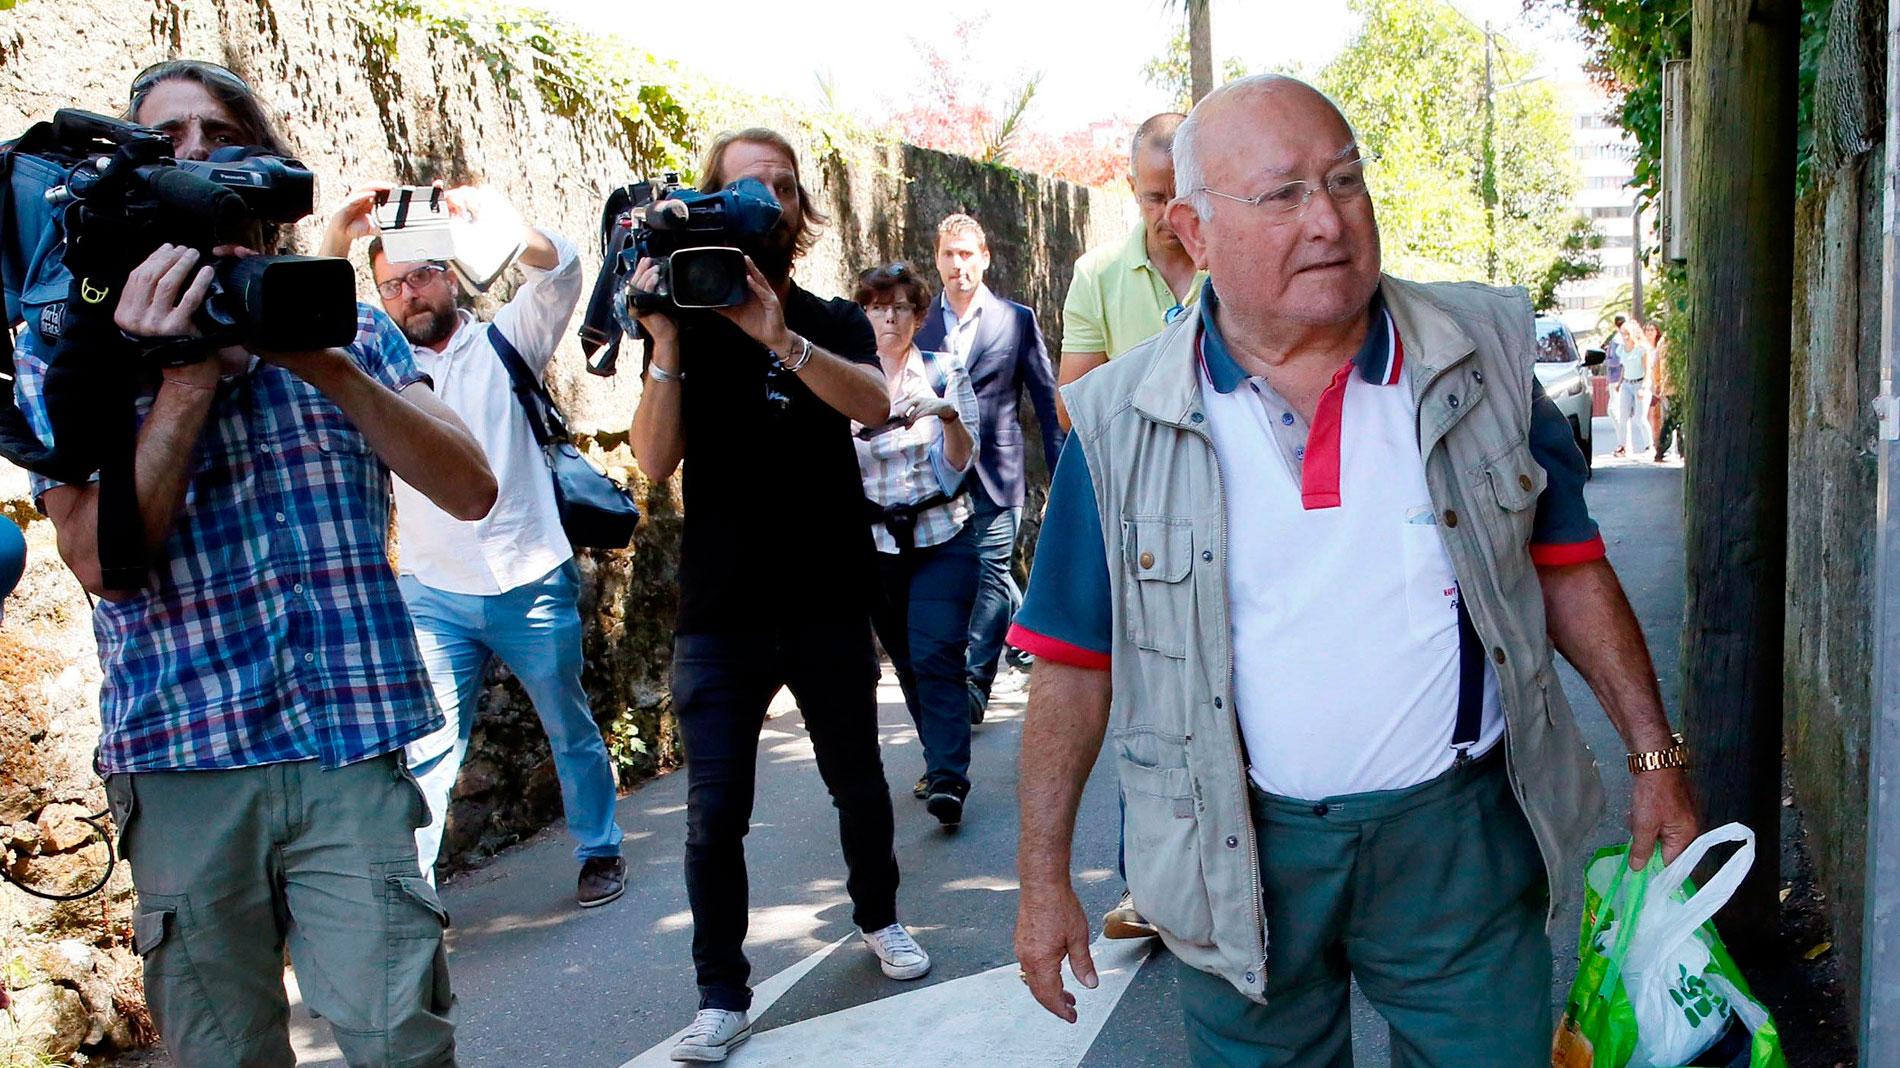 El juez deja en libertad con cargos al patriarca de los Charlines y a su hijo y envía a prisión a doce detenidos